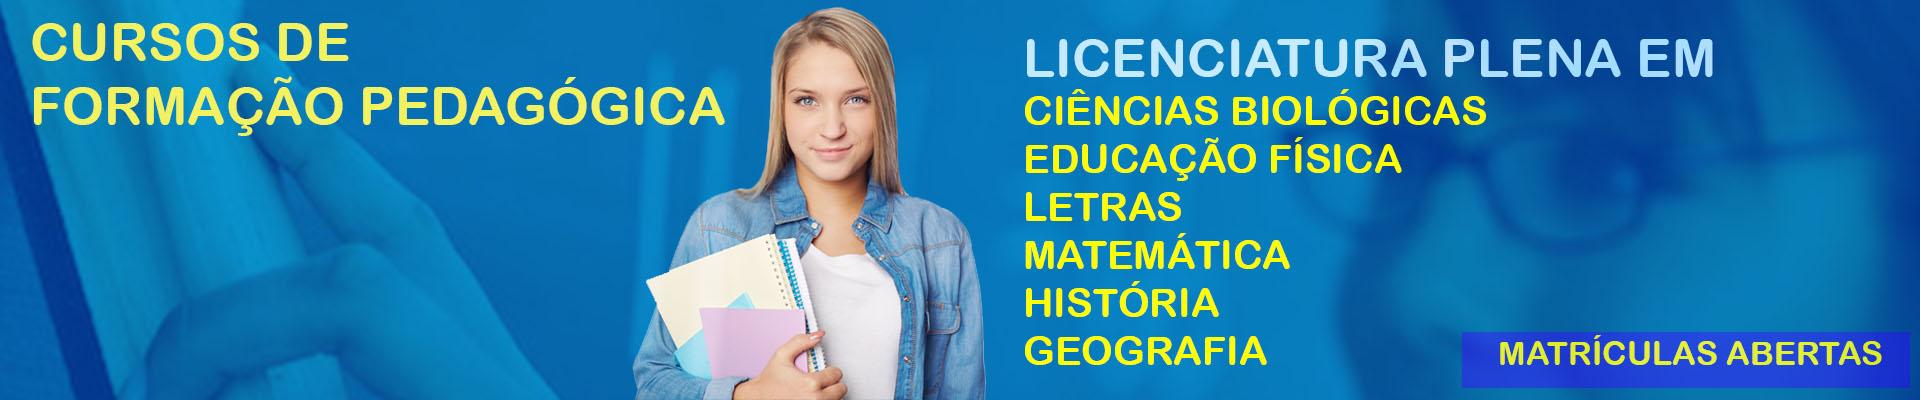 Formacao Pedagogica